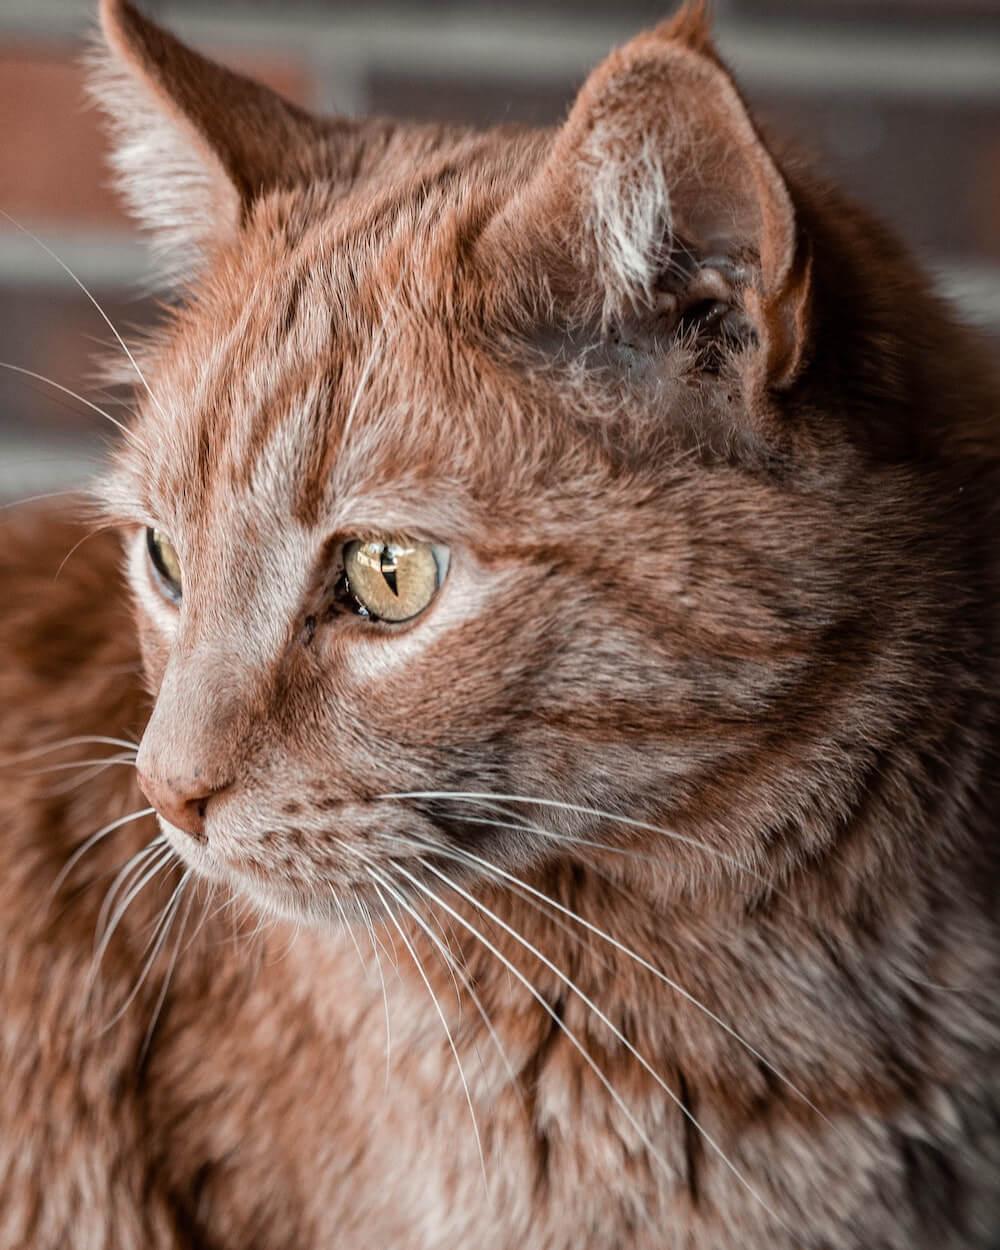 飼い猫・茶トラ猫のイメージ写真